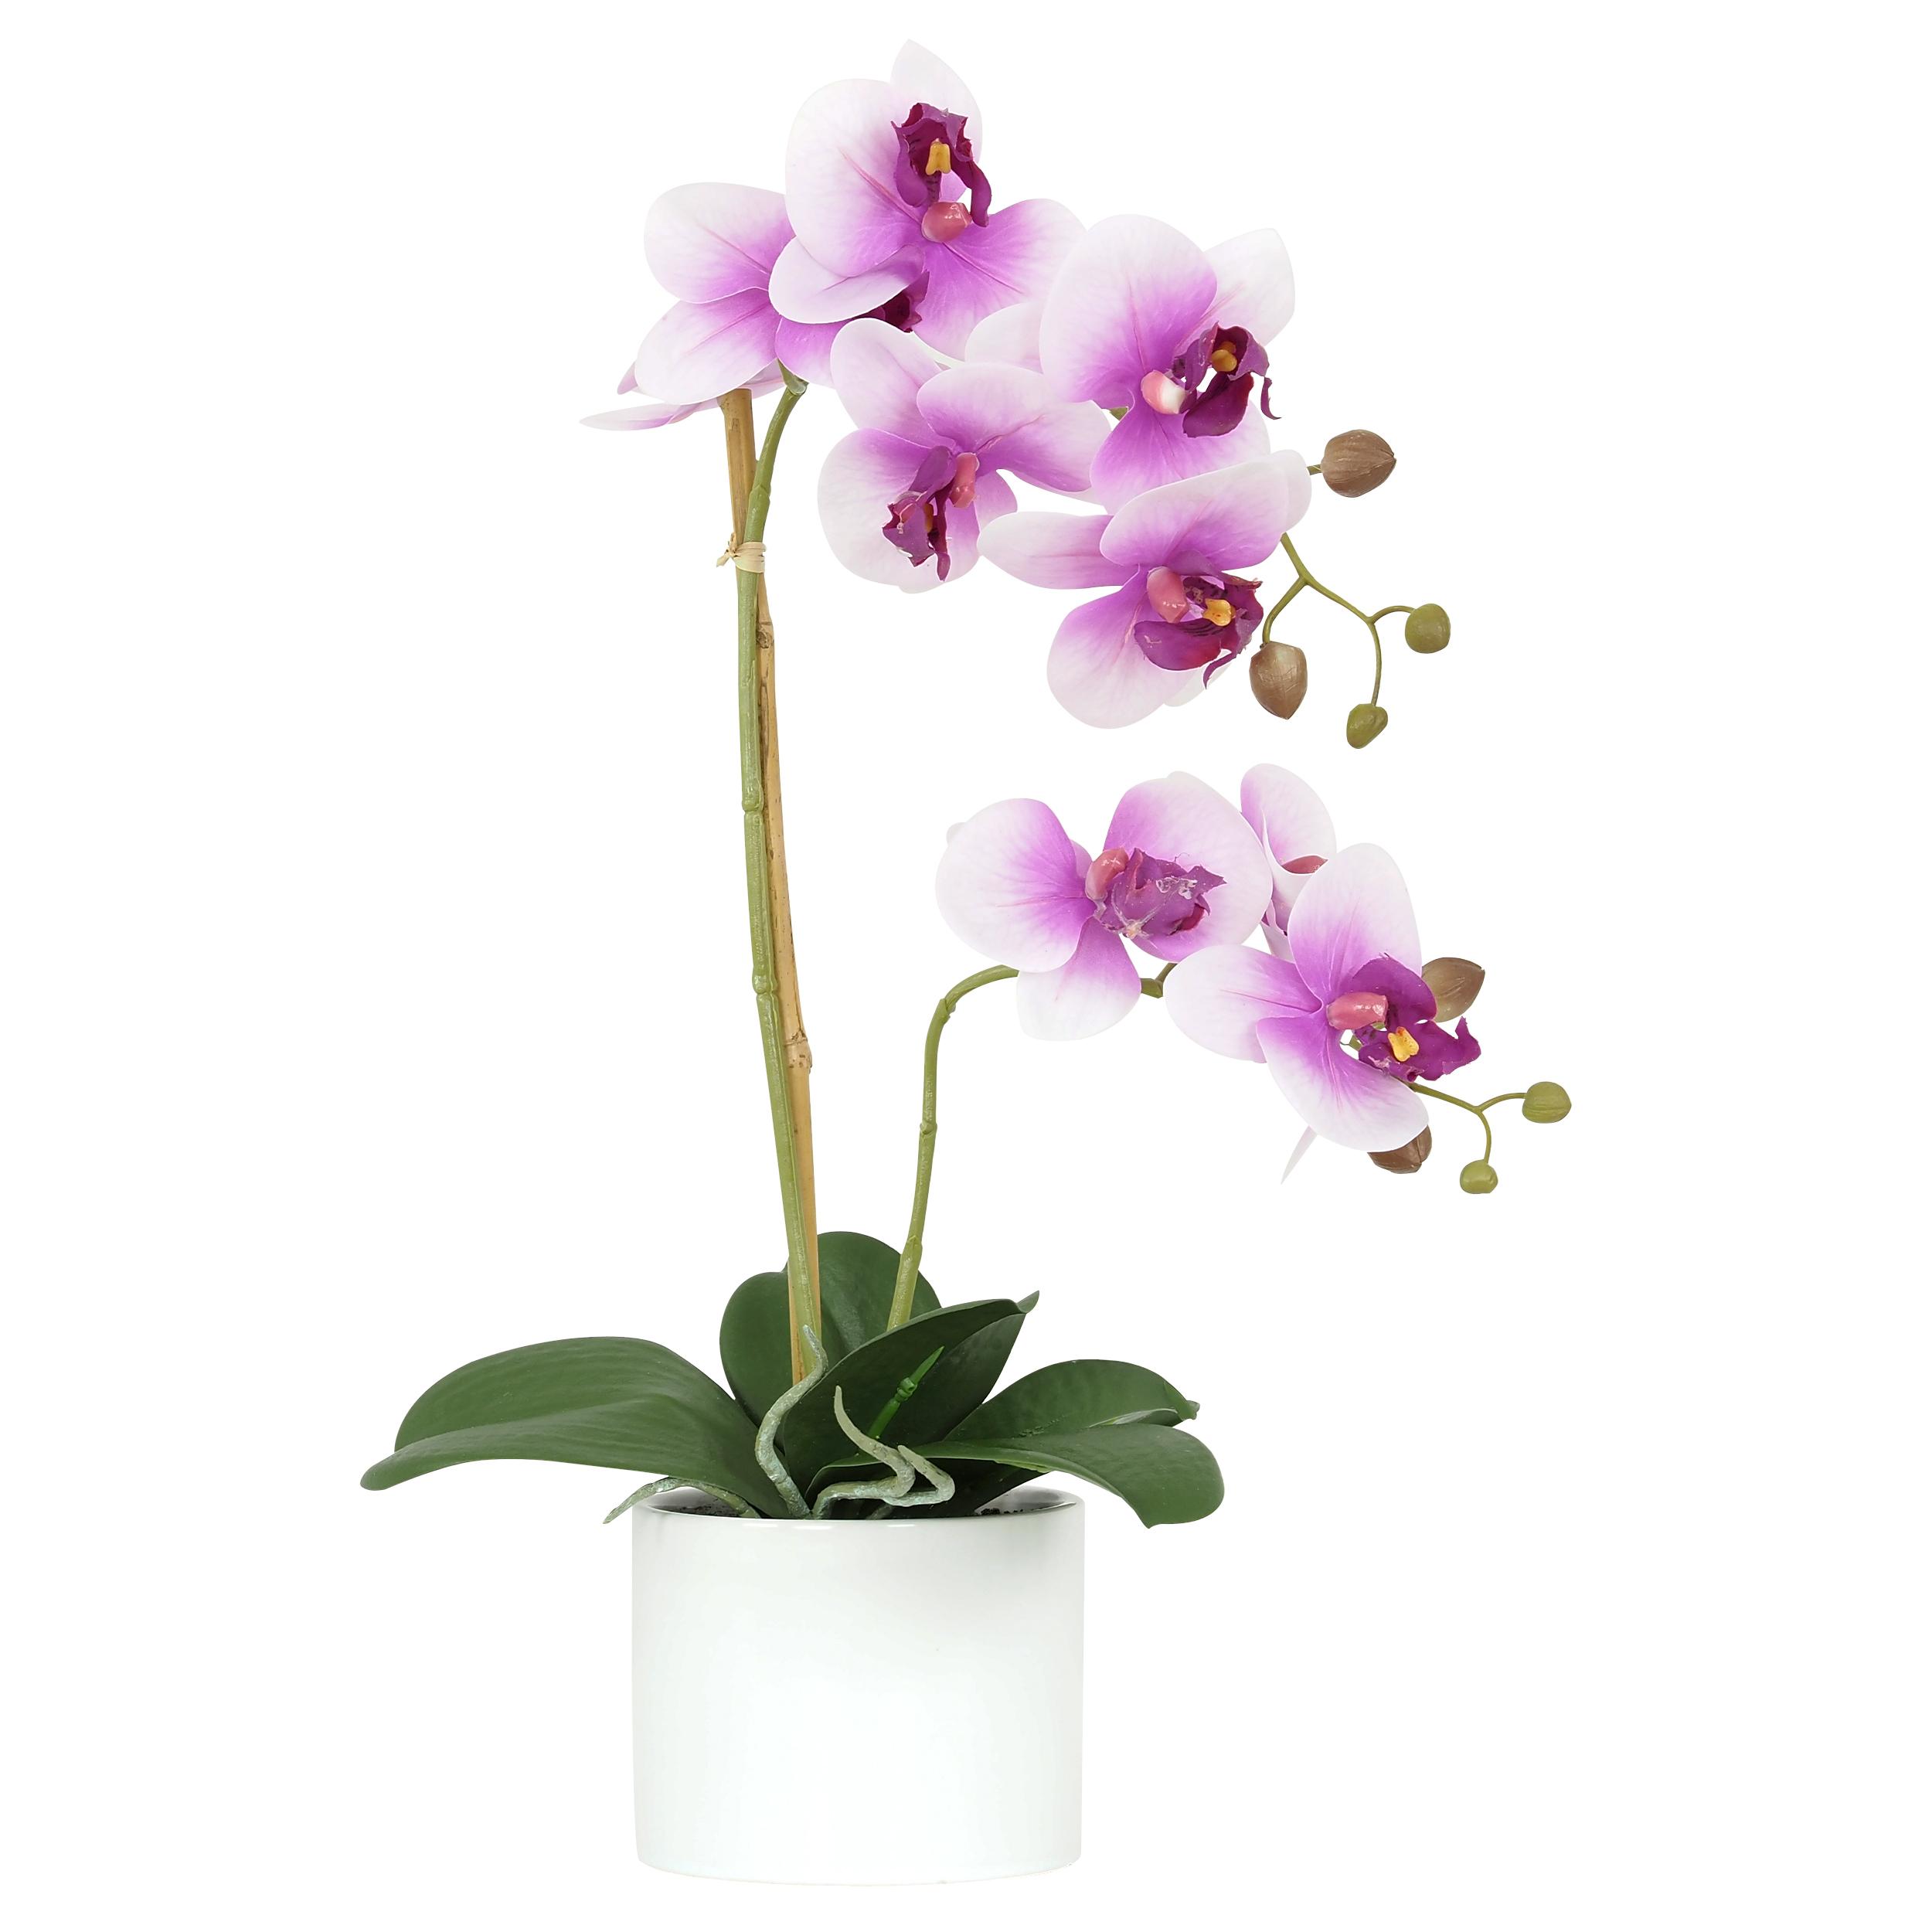 Orchidée fuchsia artificielle toucher naturel pot céramique rond 58cm